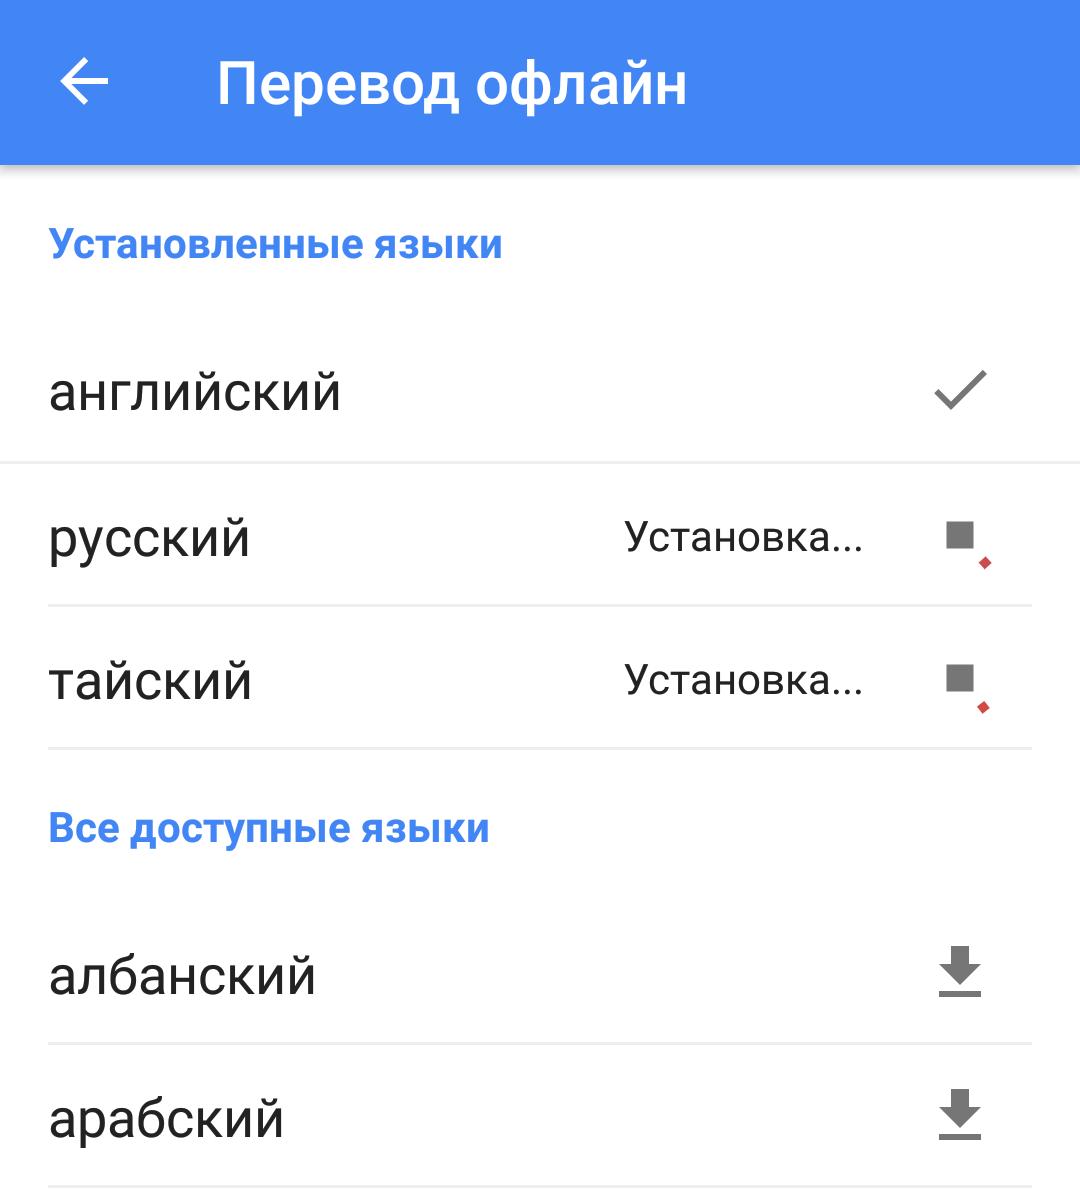 Перевод — википедия. что такое перевод